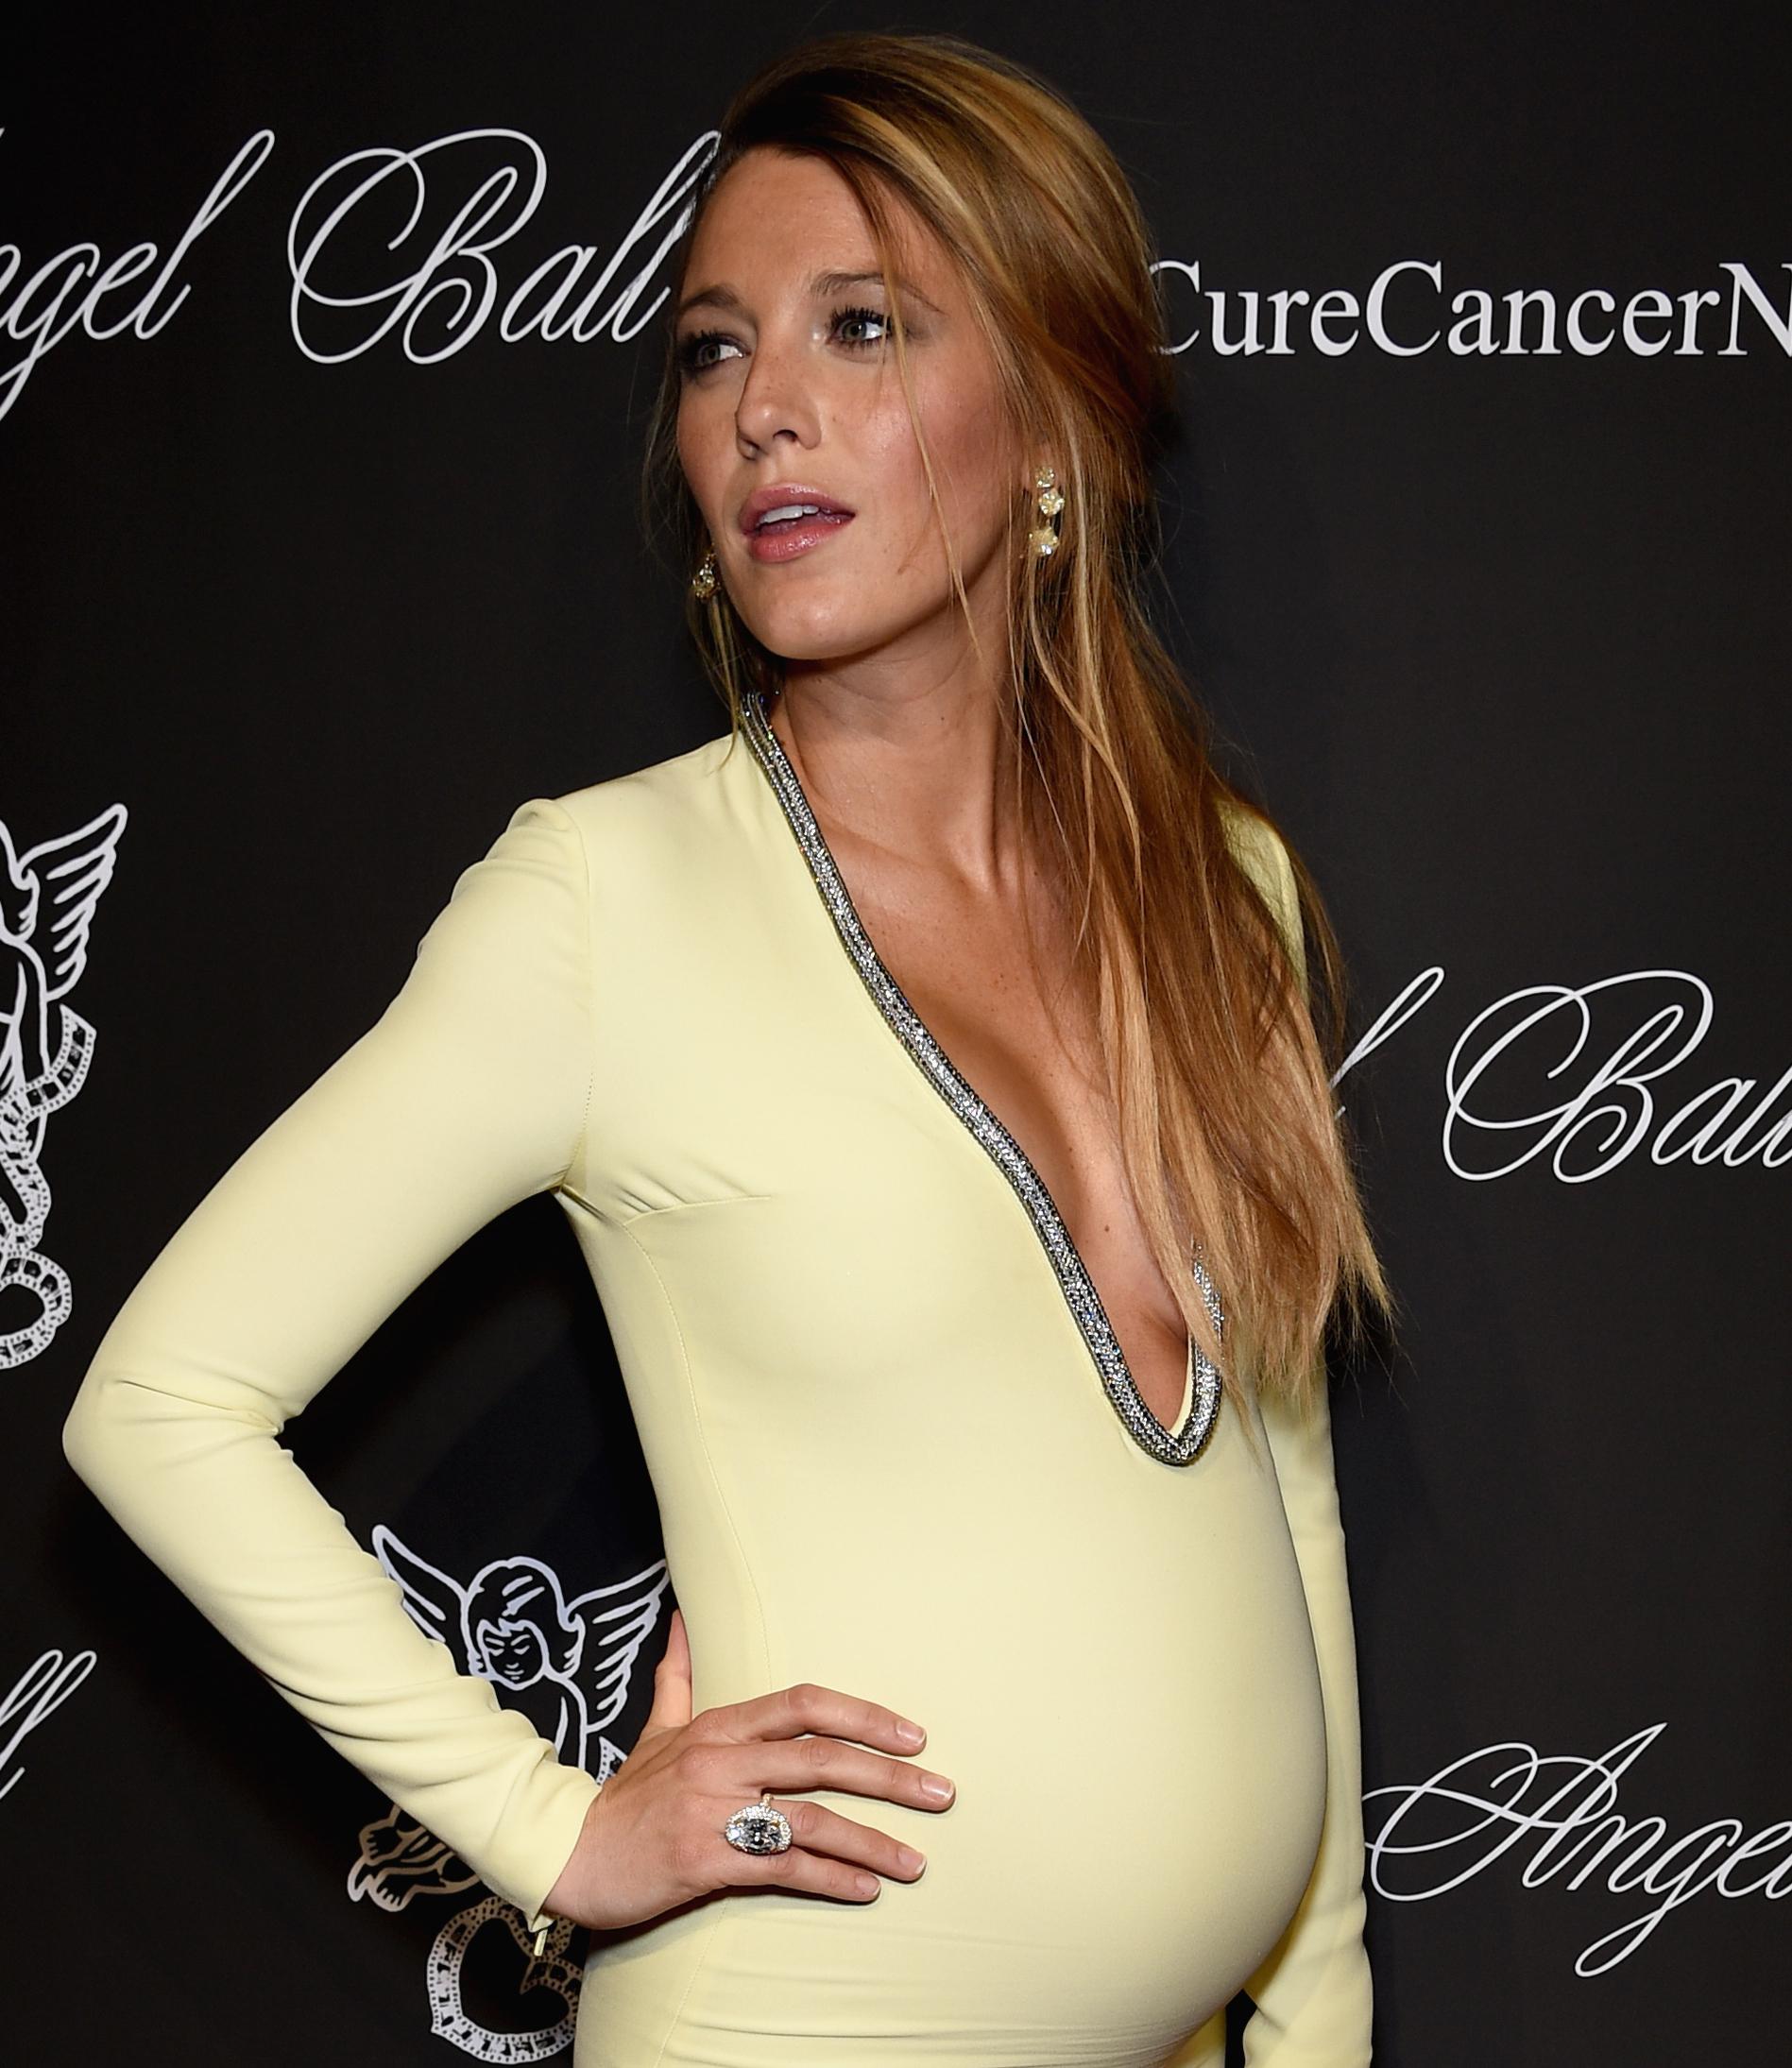 Ryan Reynolds Wife, Ryan Reynolds Daughter, Ryan Reynolds Married, Blake Lively Baby